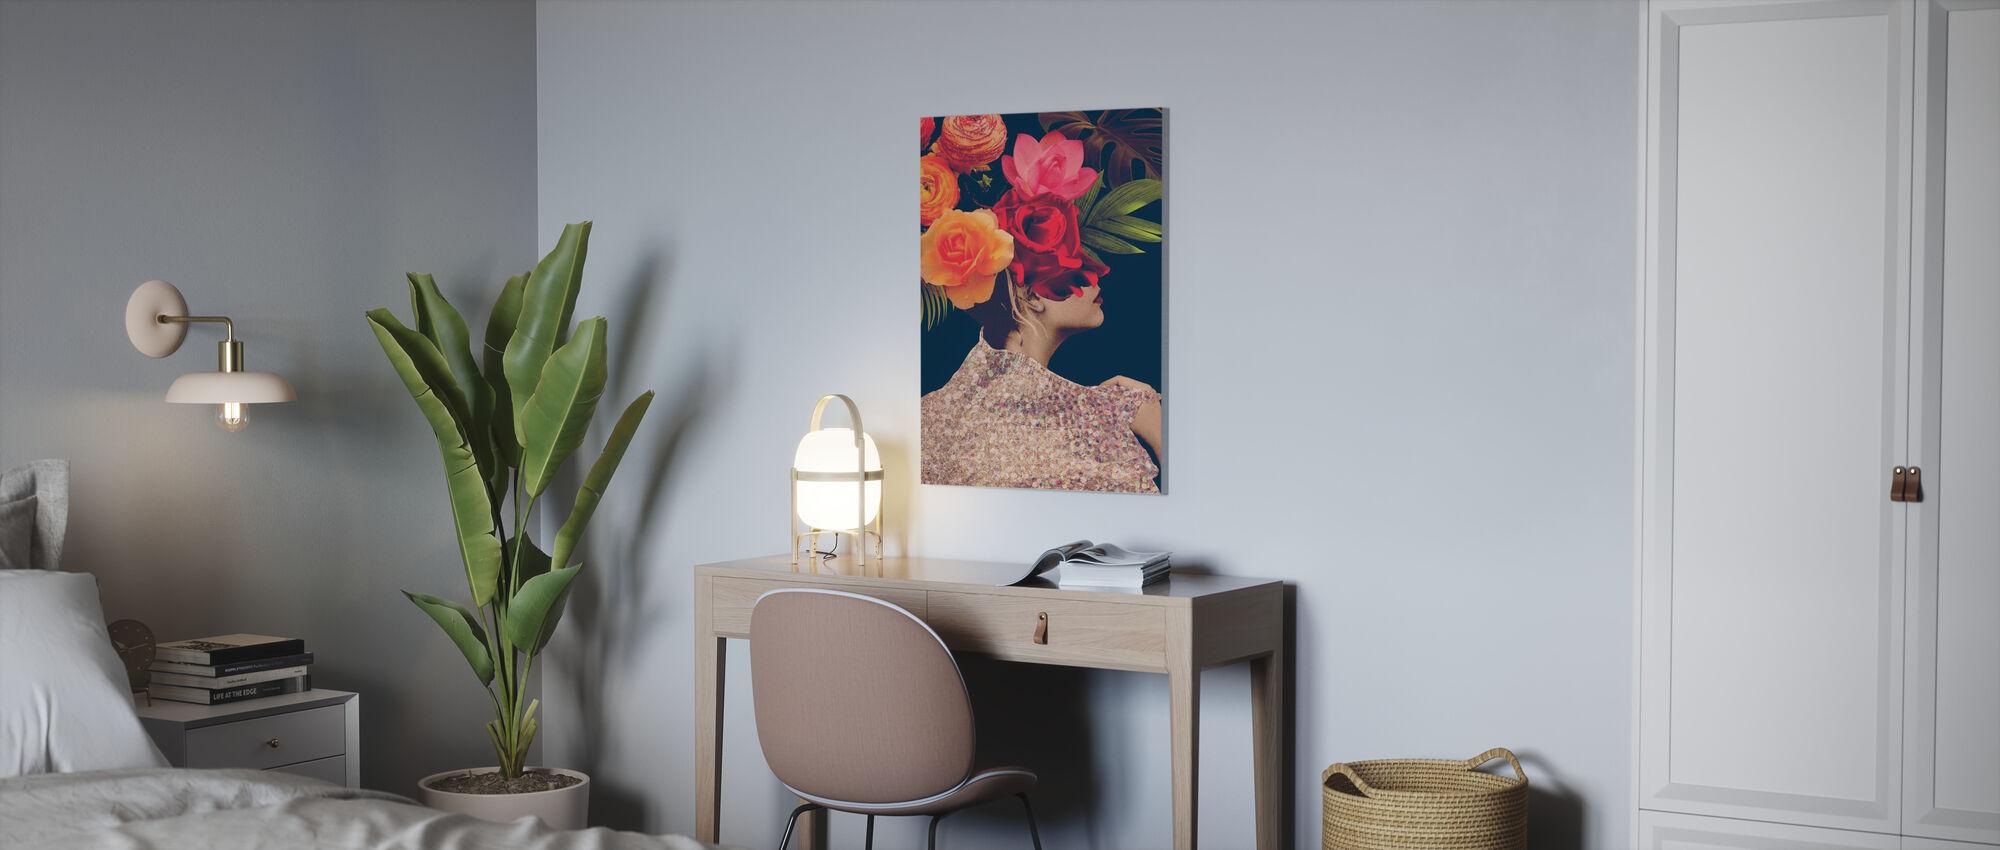 Fleur Collage - Canvas print - Office